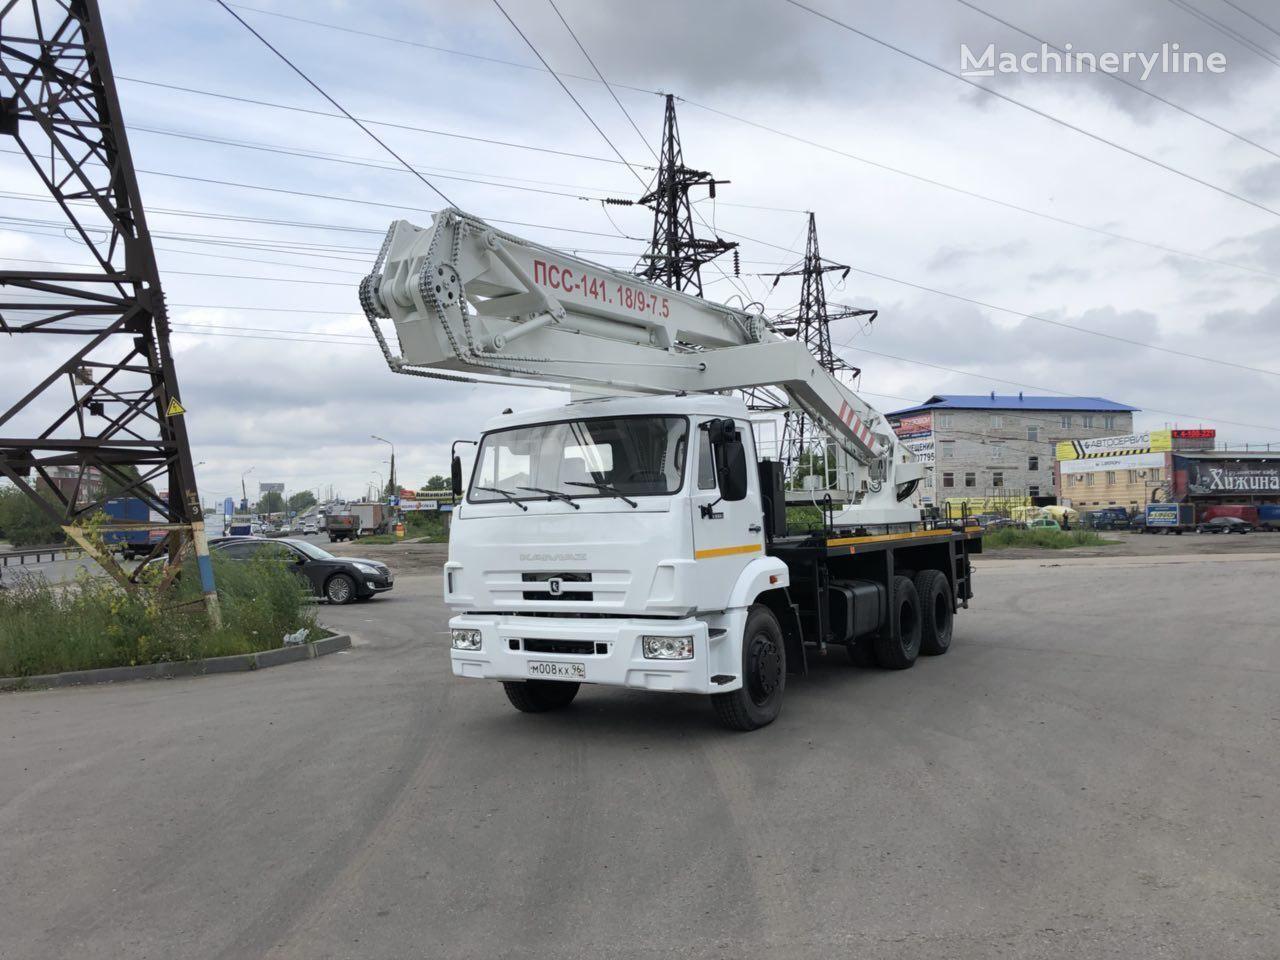 camion nacelle KAMAZ PSS-141.28/9-7.5